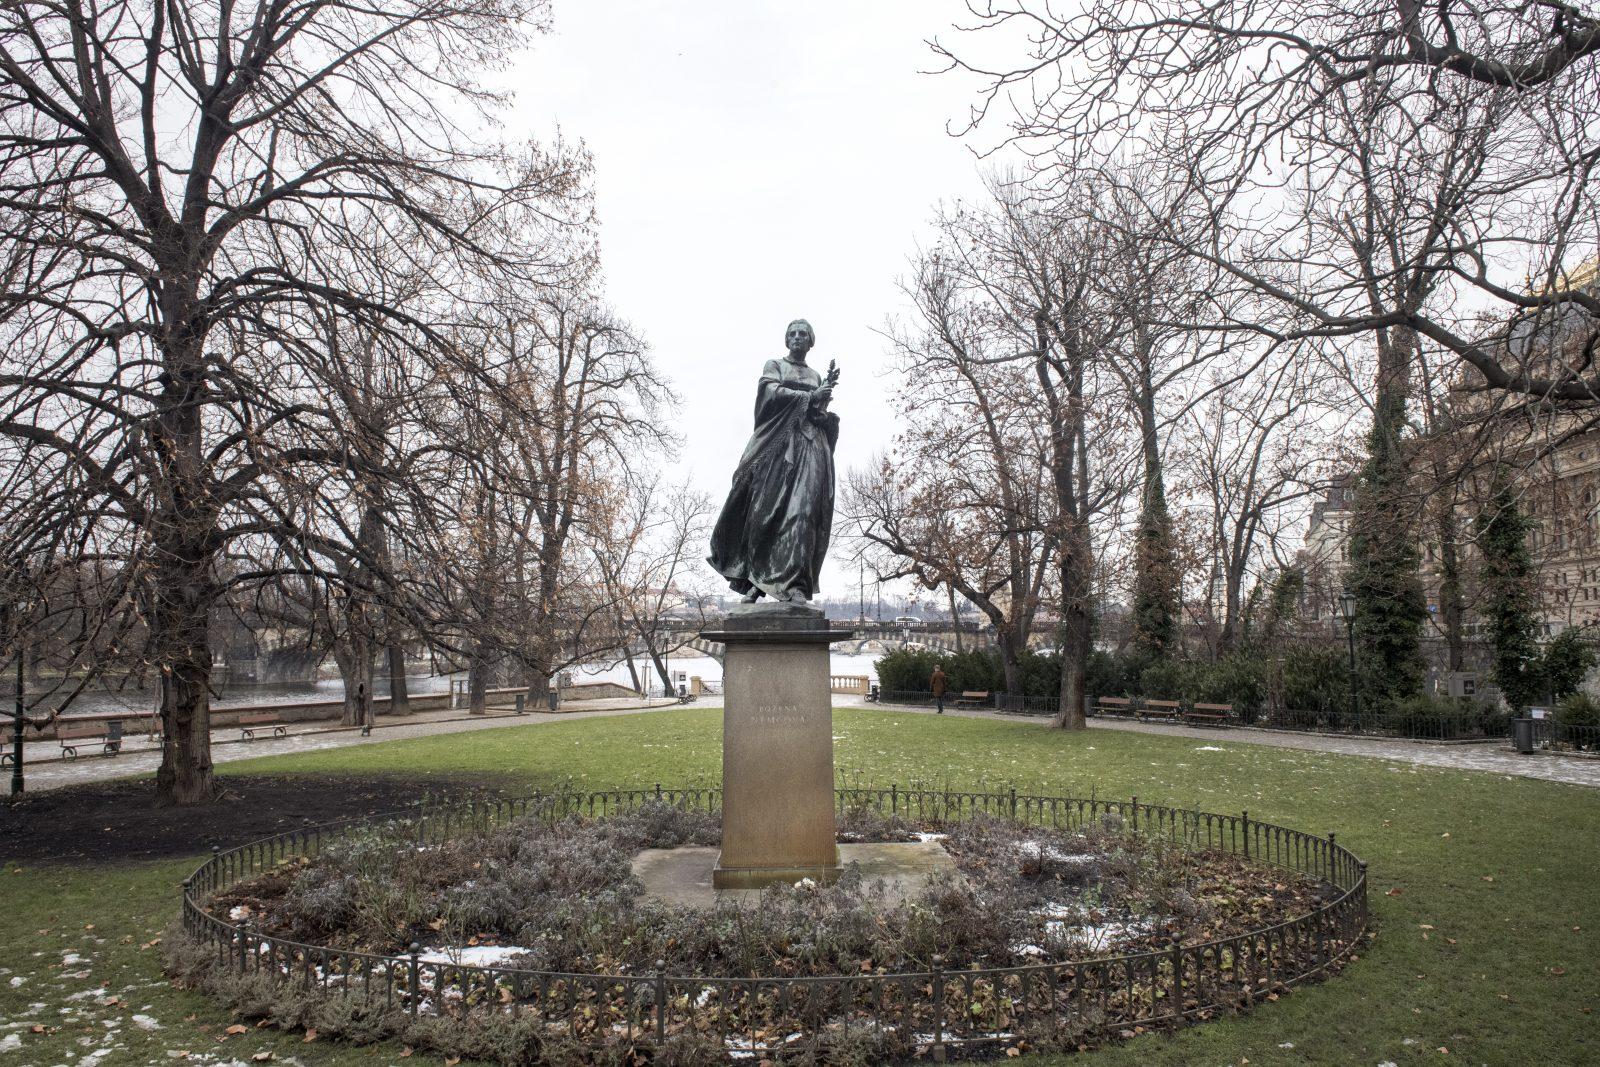 Na Žofínský palác vyhlíží z prostředka přilehlého parku pomník Němcové od sochaře Karla Pokorného z roku 1954